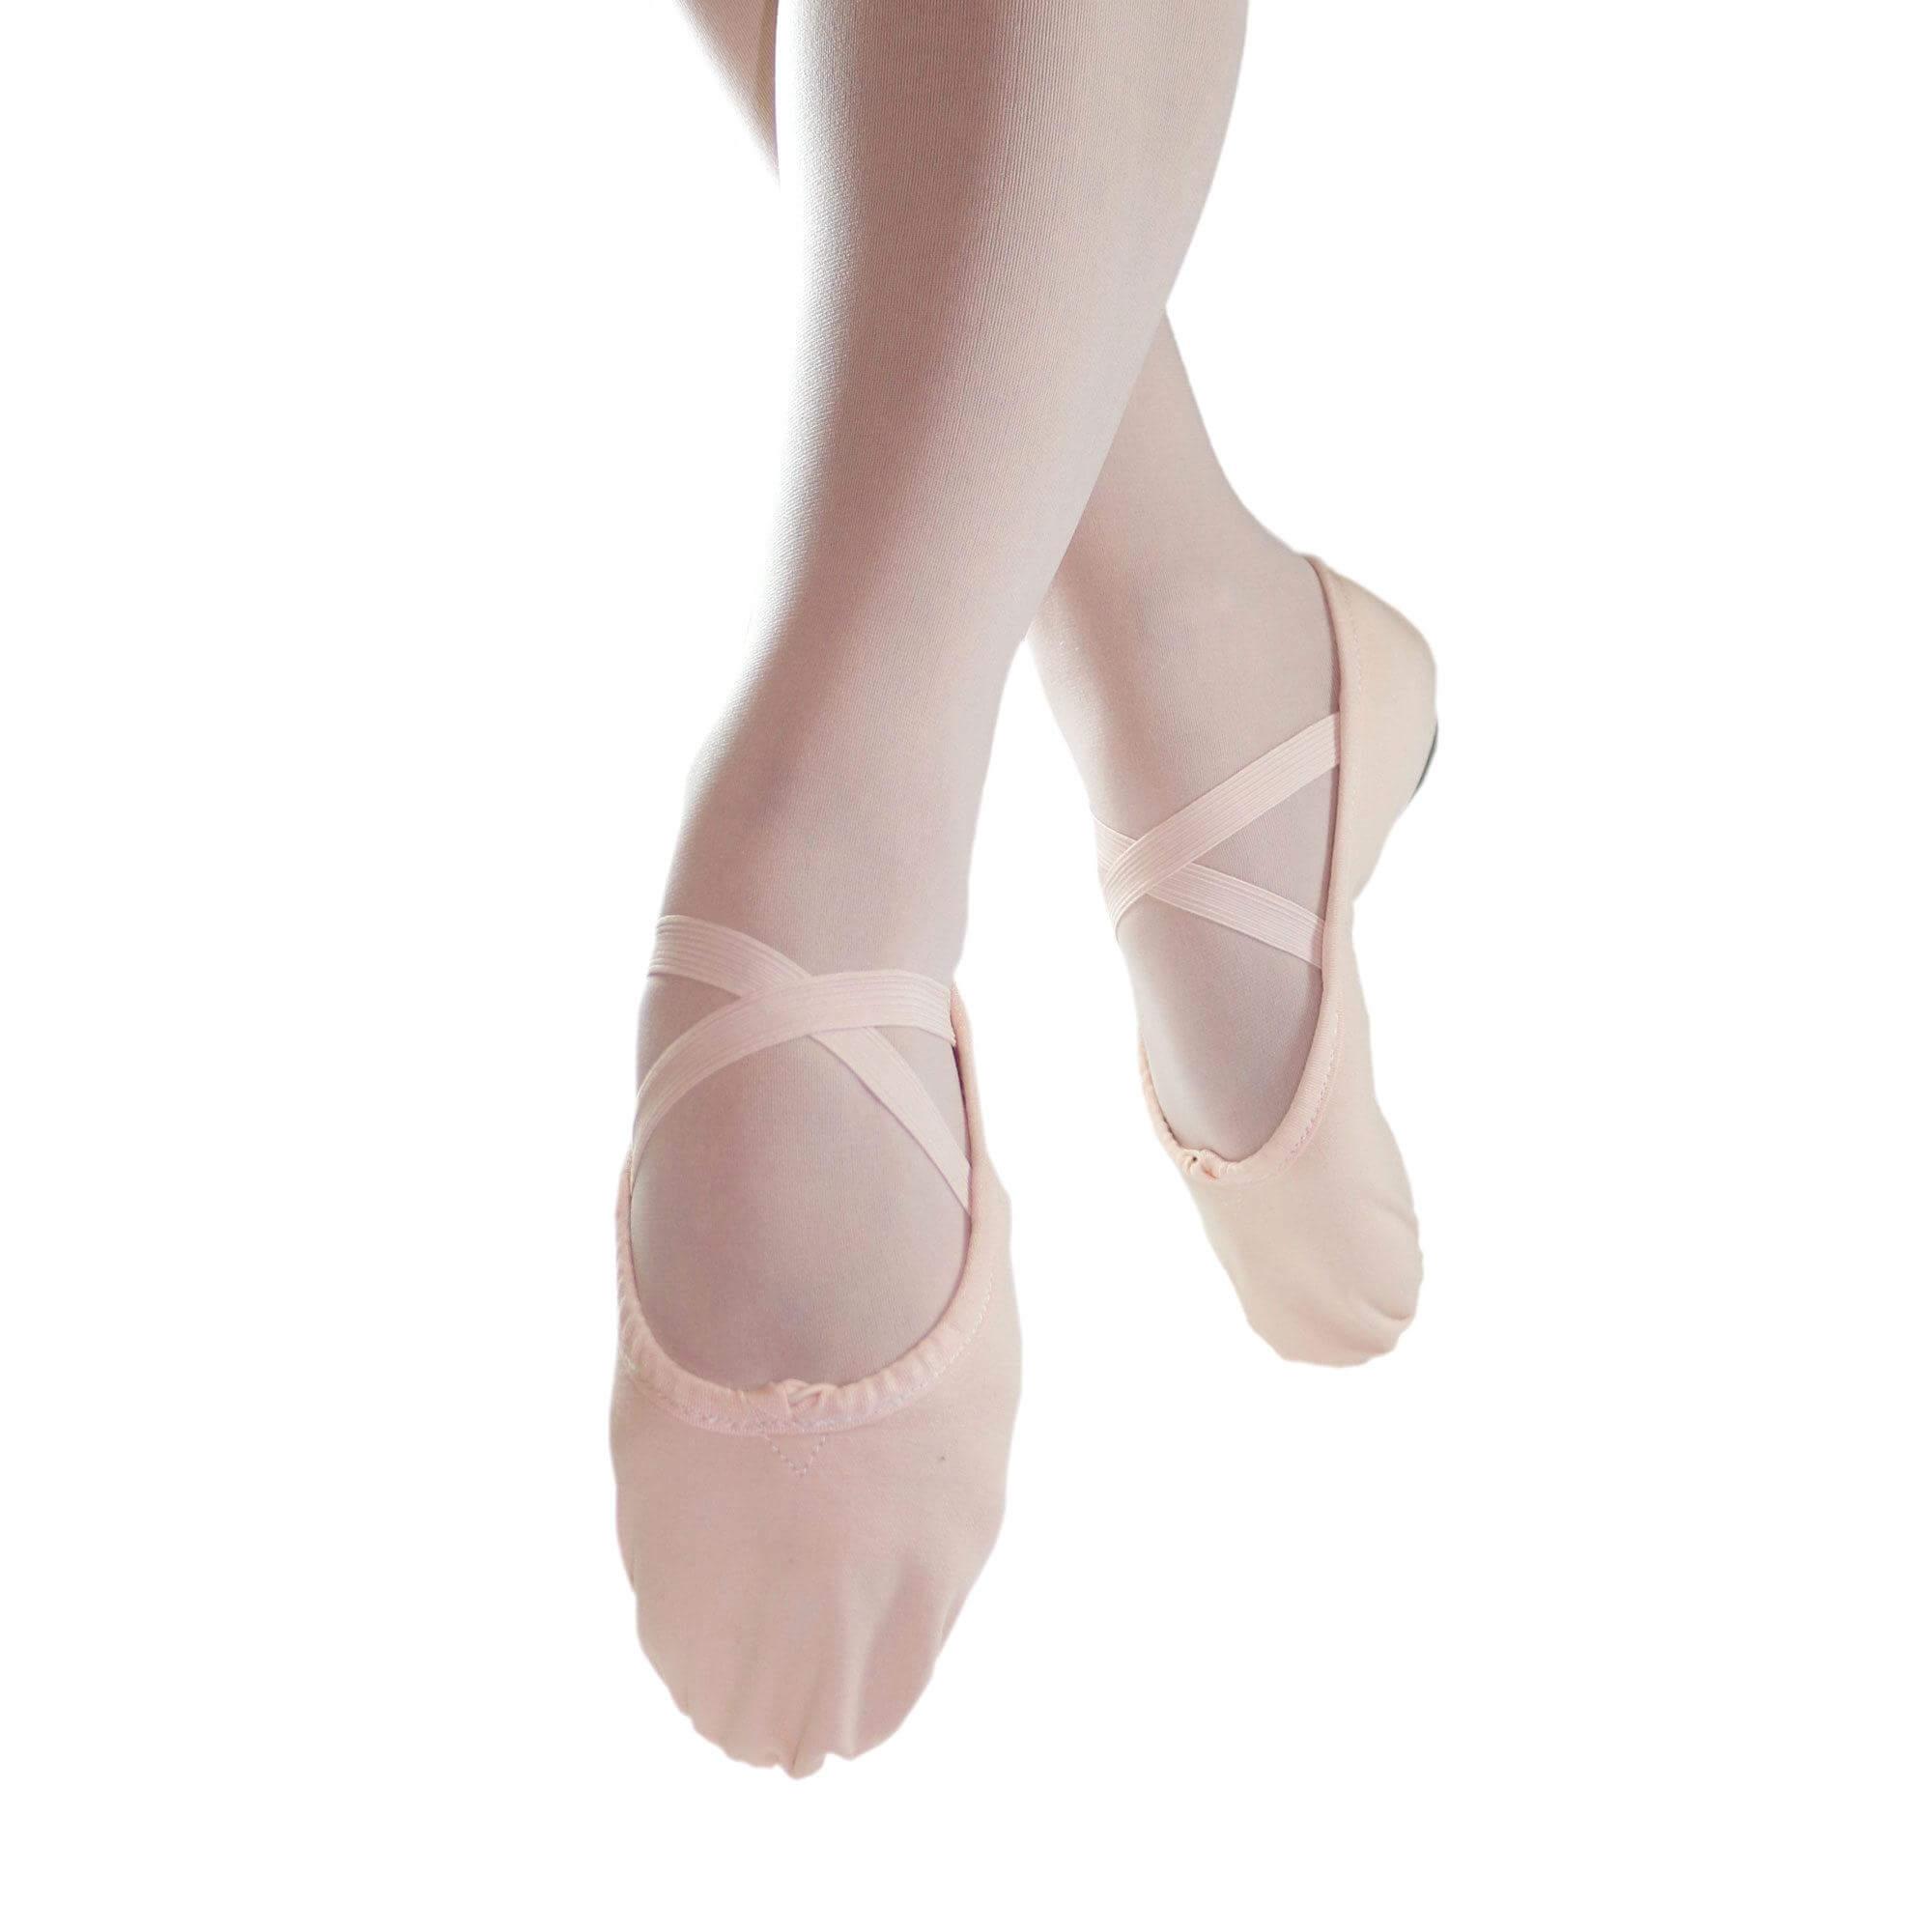 f81bf1d491f8 Danzcue Child Split Sole Canvas Ballet Slipper